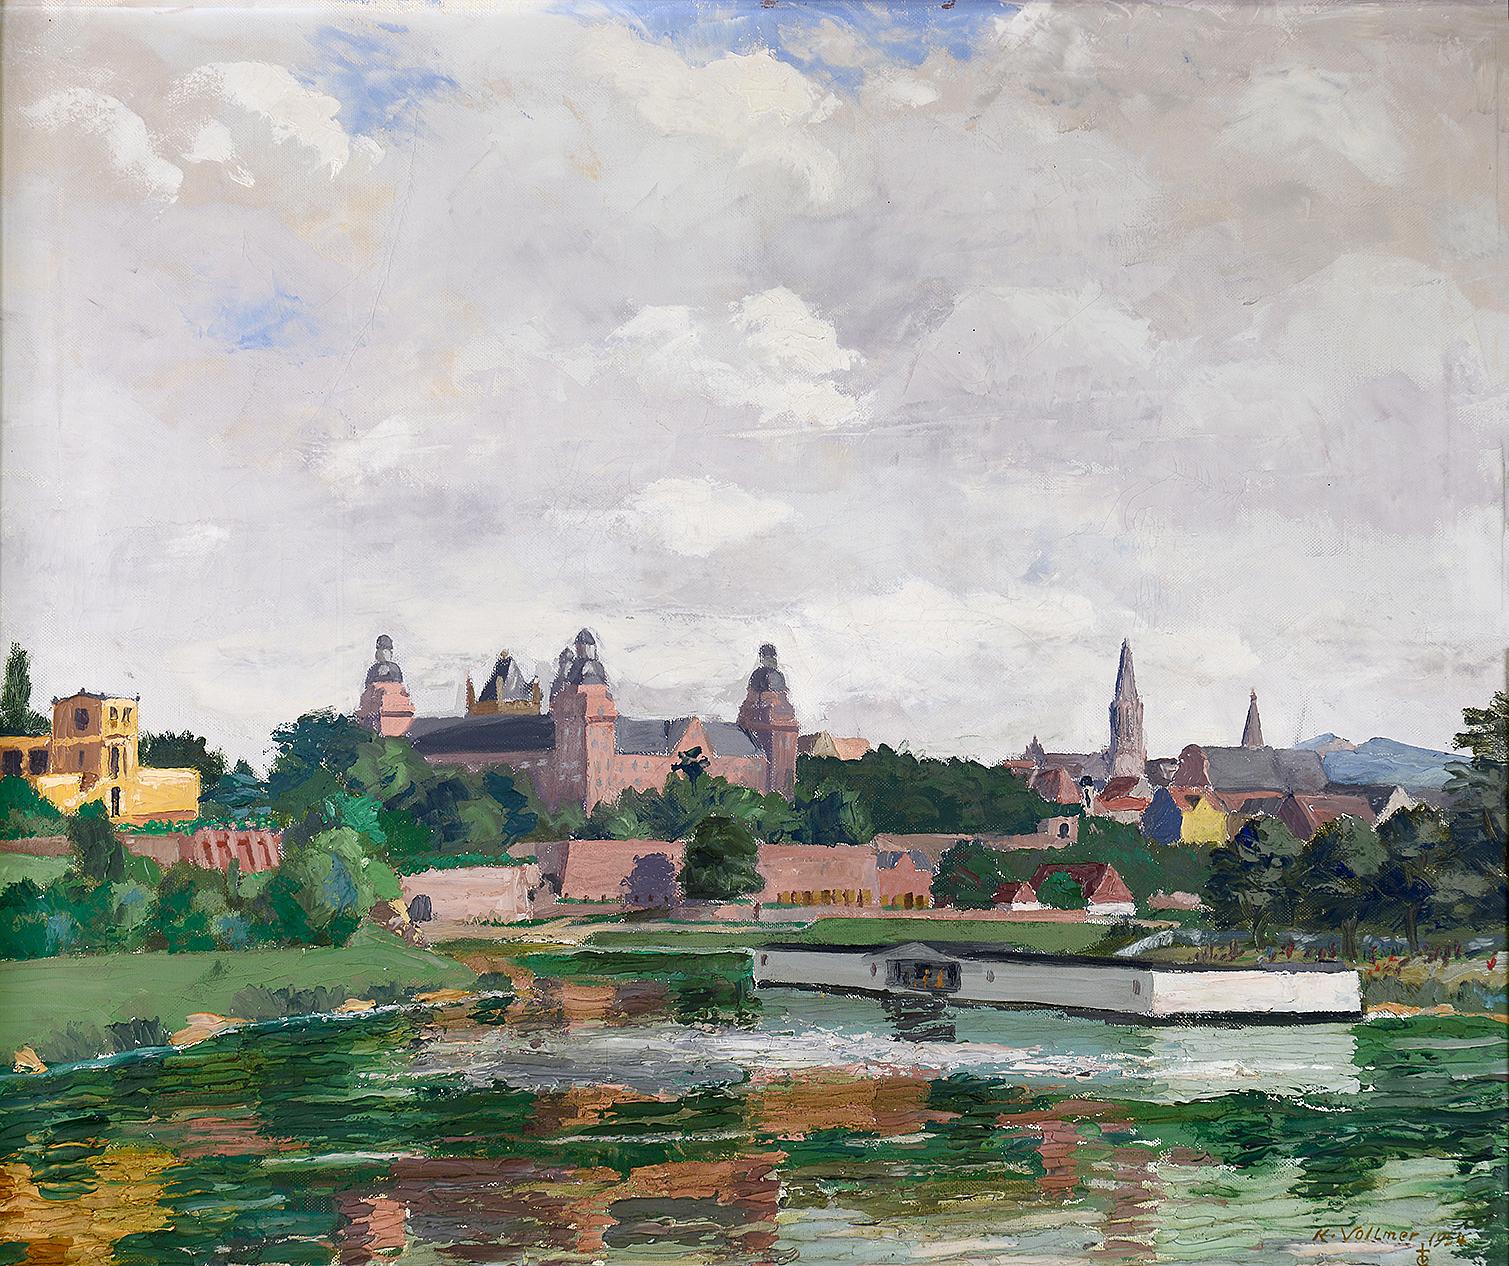 © Karl Adam Vollmer, Schloss Johannisburg mit Mainbad Krapp, Ölgemälde, 1954, Museen der Stadt Aschaffenburg, Foto: Ines Otschik